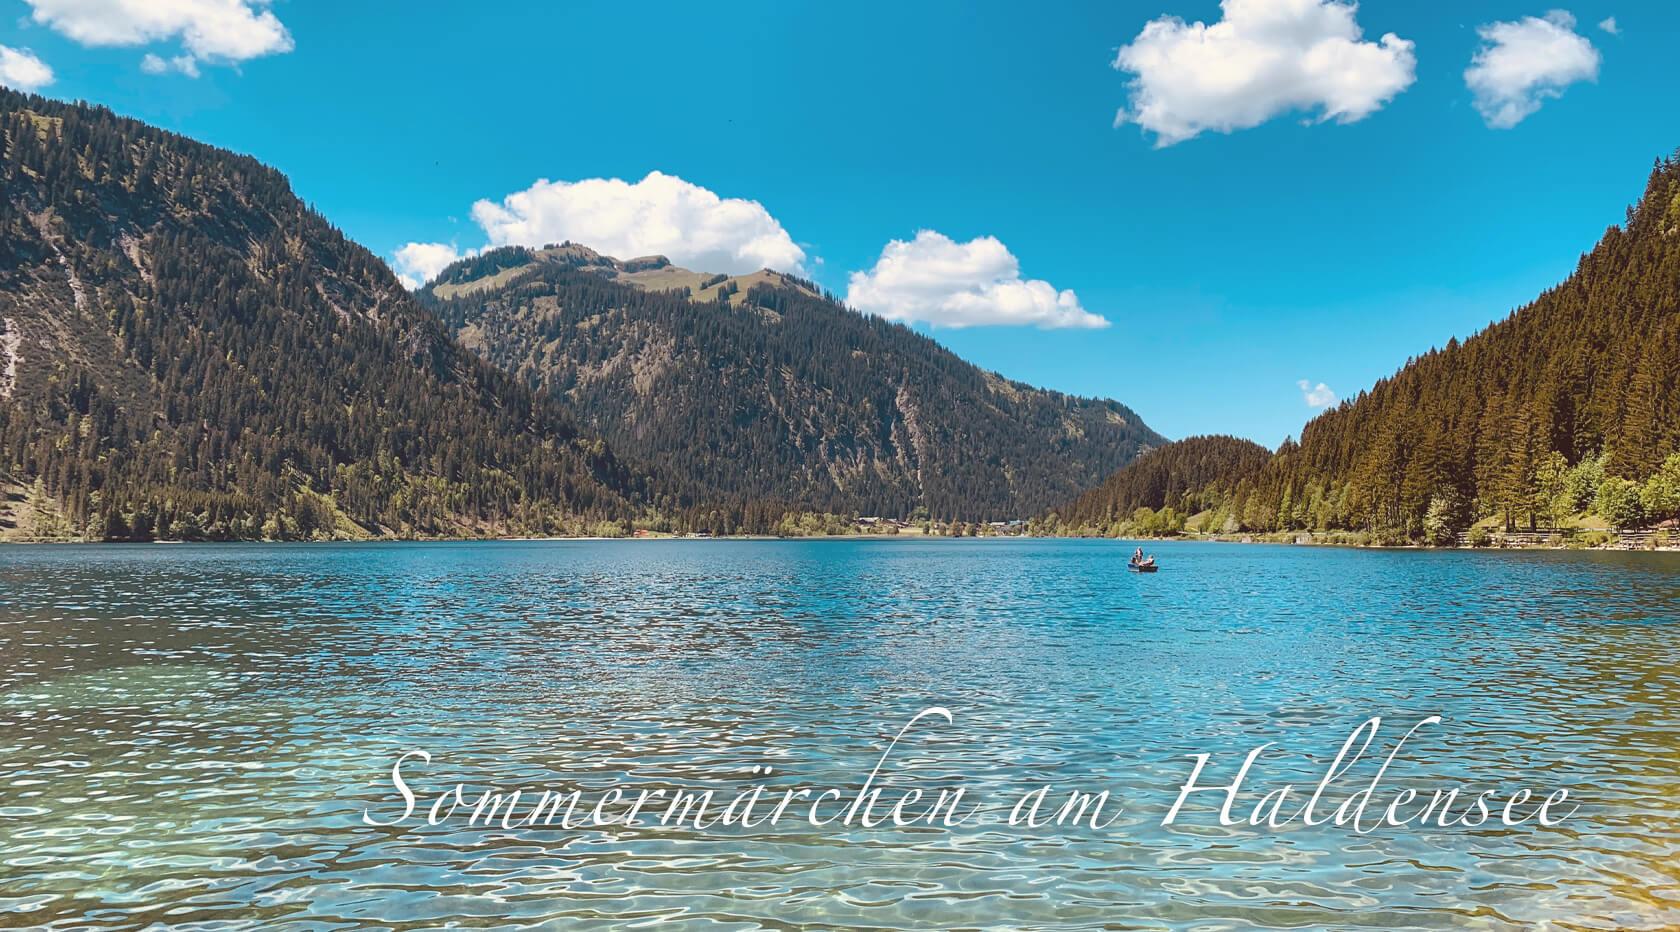 Urlaubspauschale Sommermärchen am Haldensee